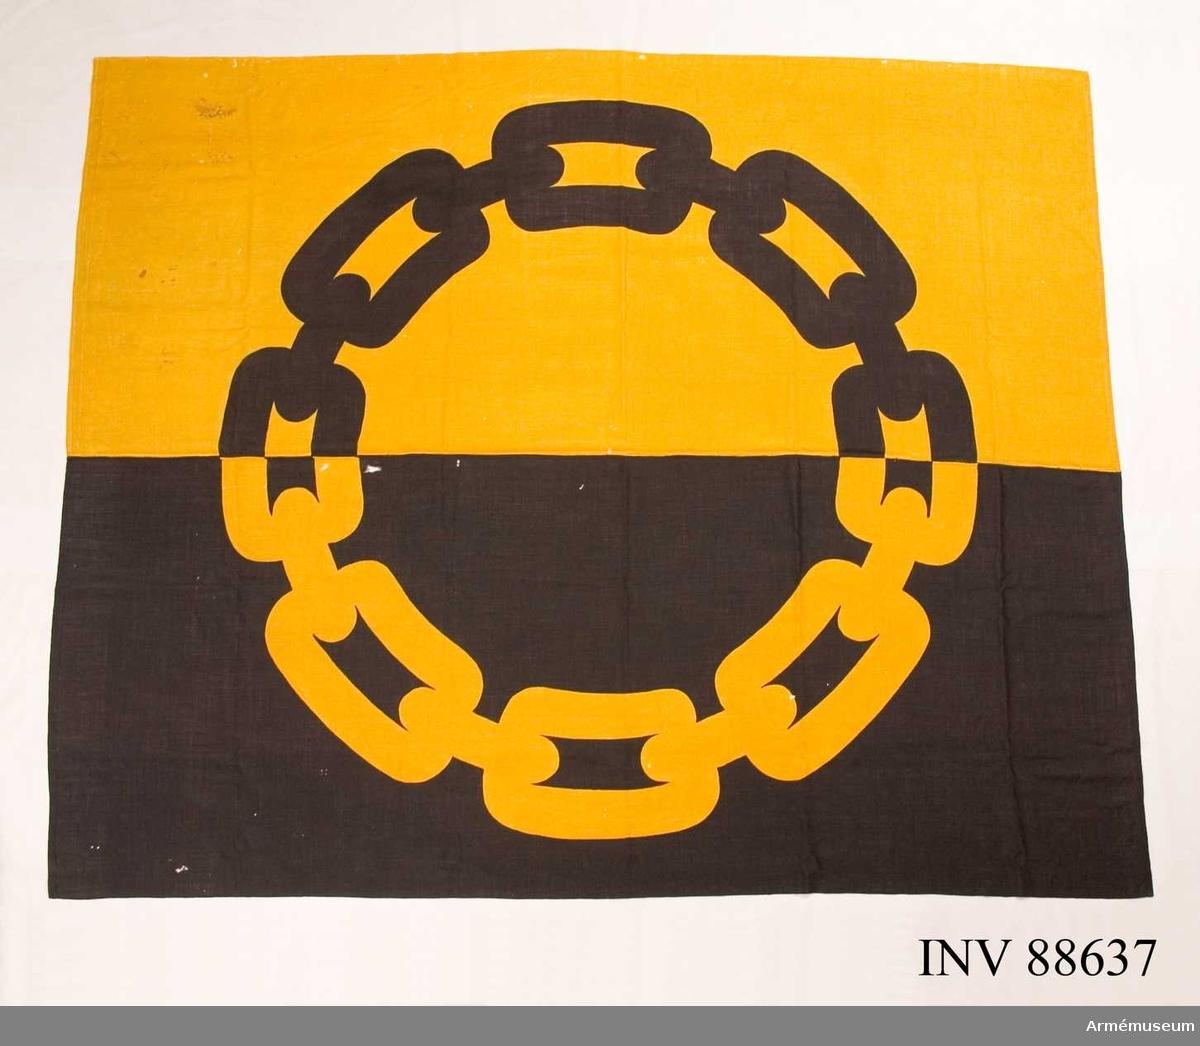 Kedjan är symbol för firman Kedja som broderade fanor under 1940 -50 talen.IW